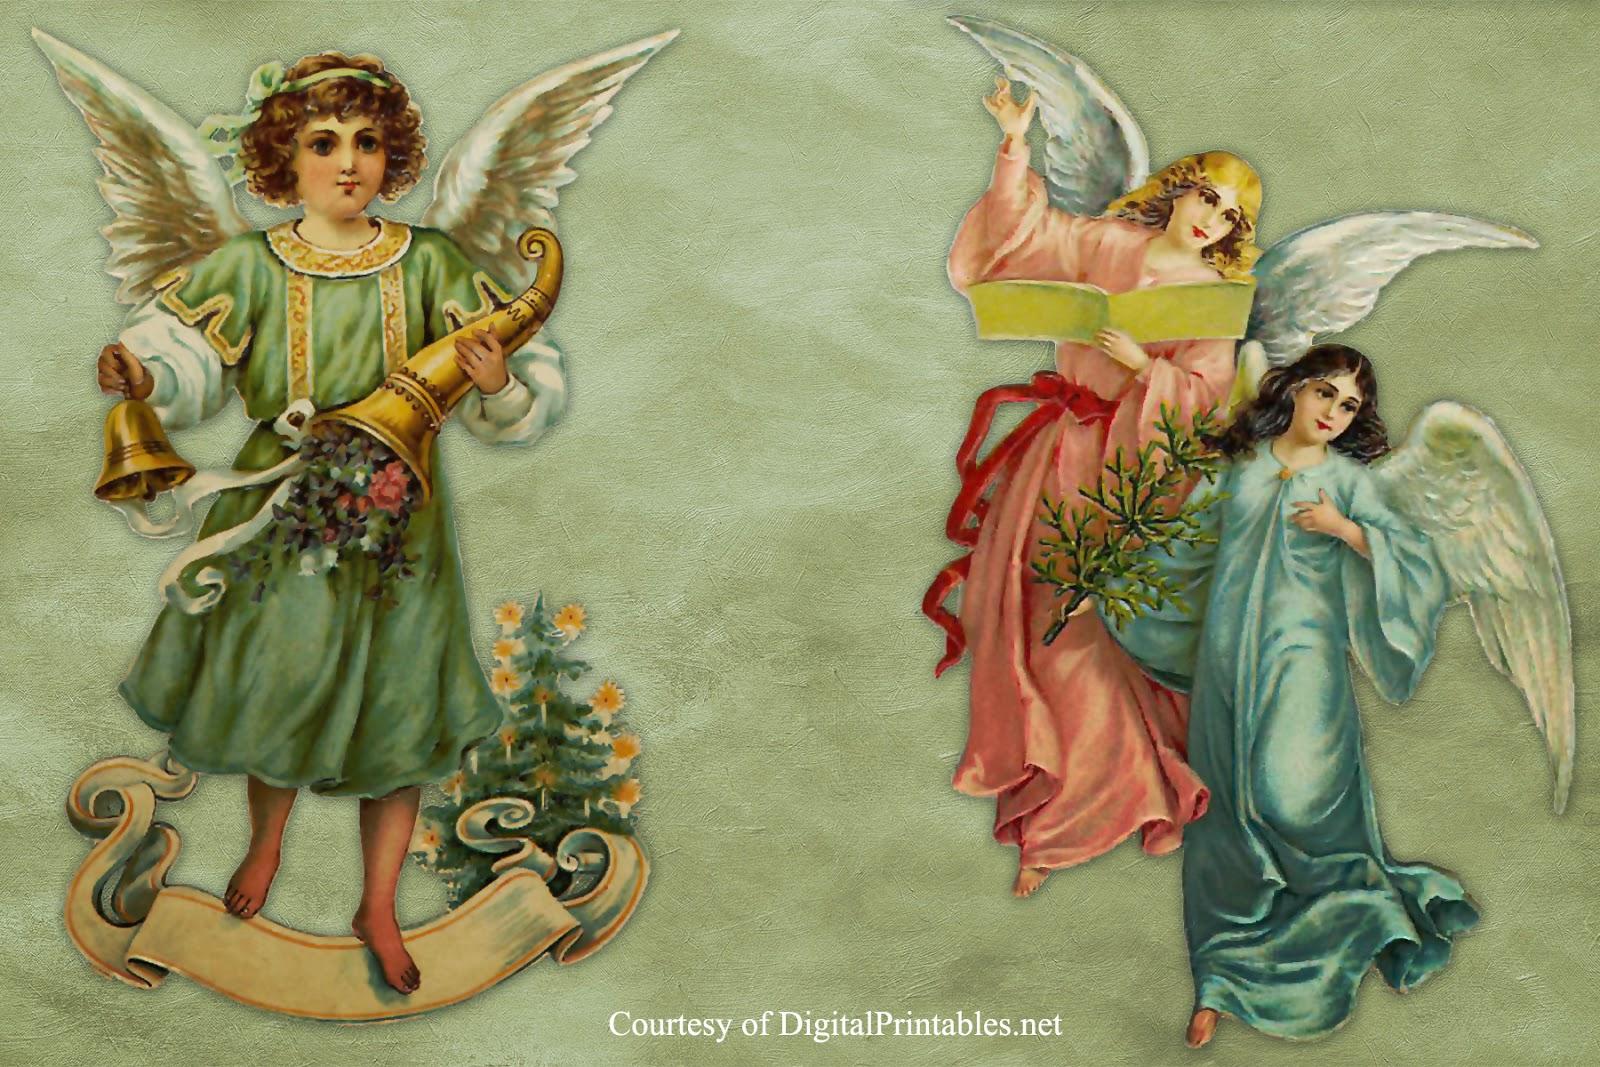 Digital Printables: Free Printable Victorian Christmas Angel Scraps - Free Printable Angels